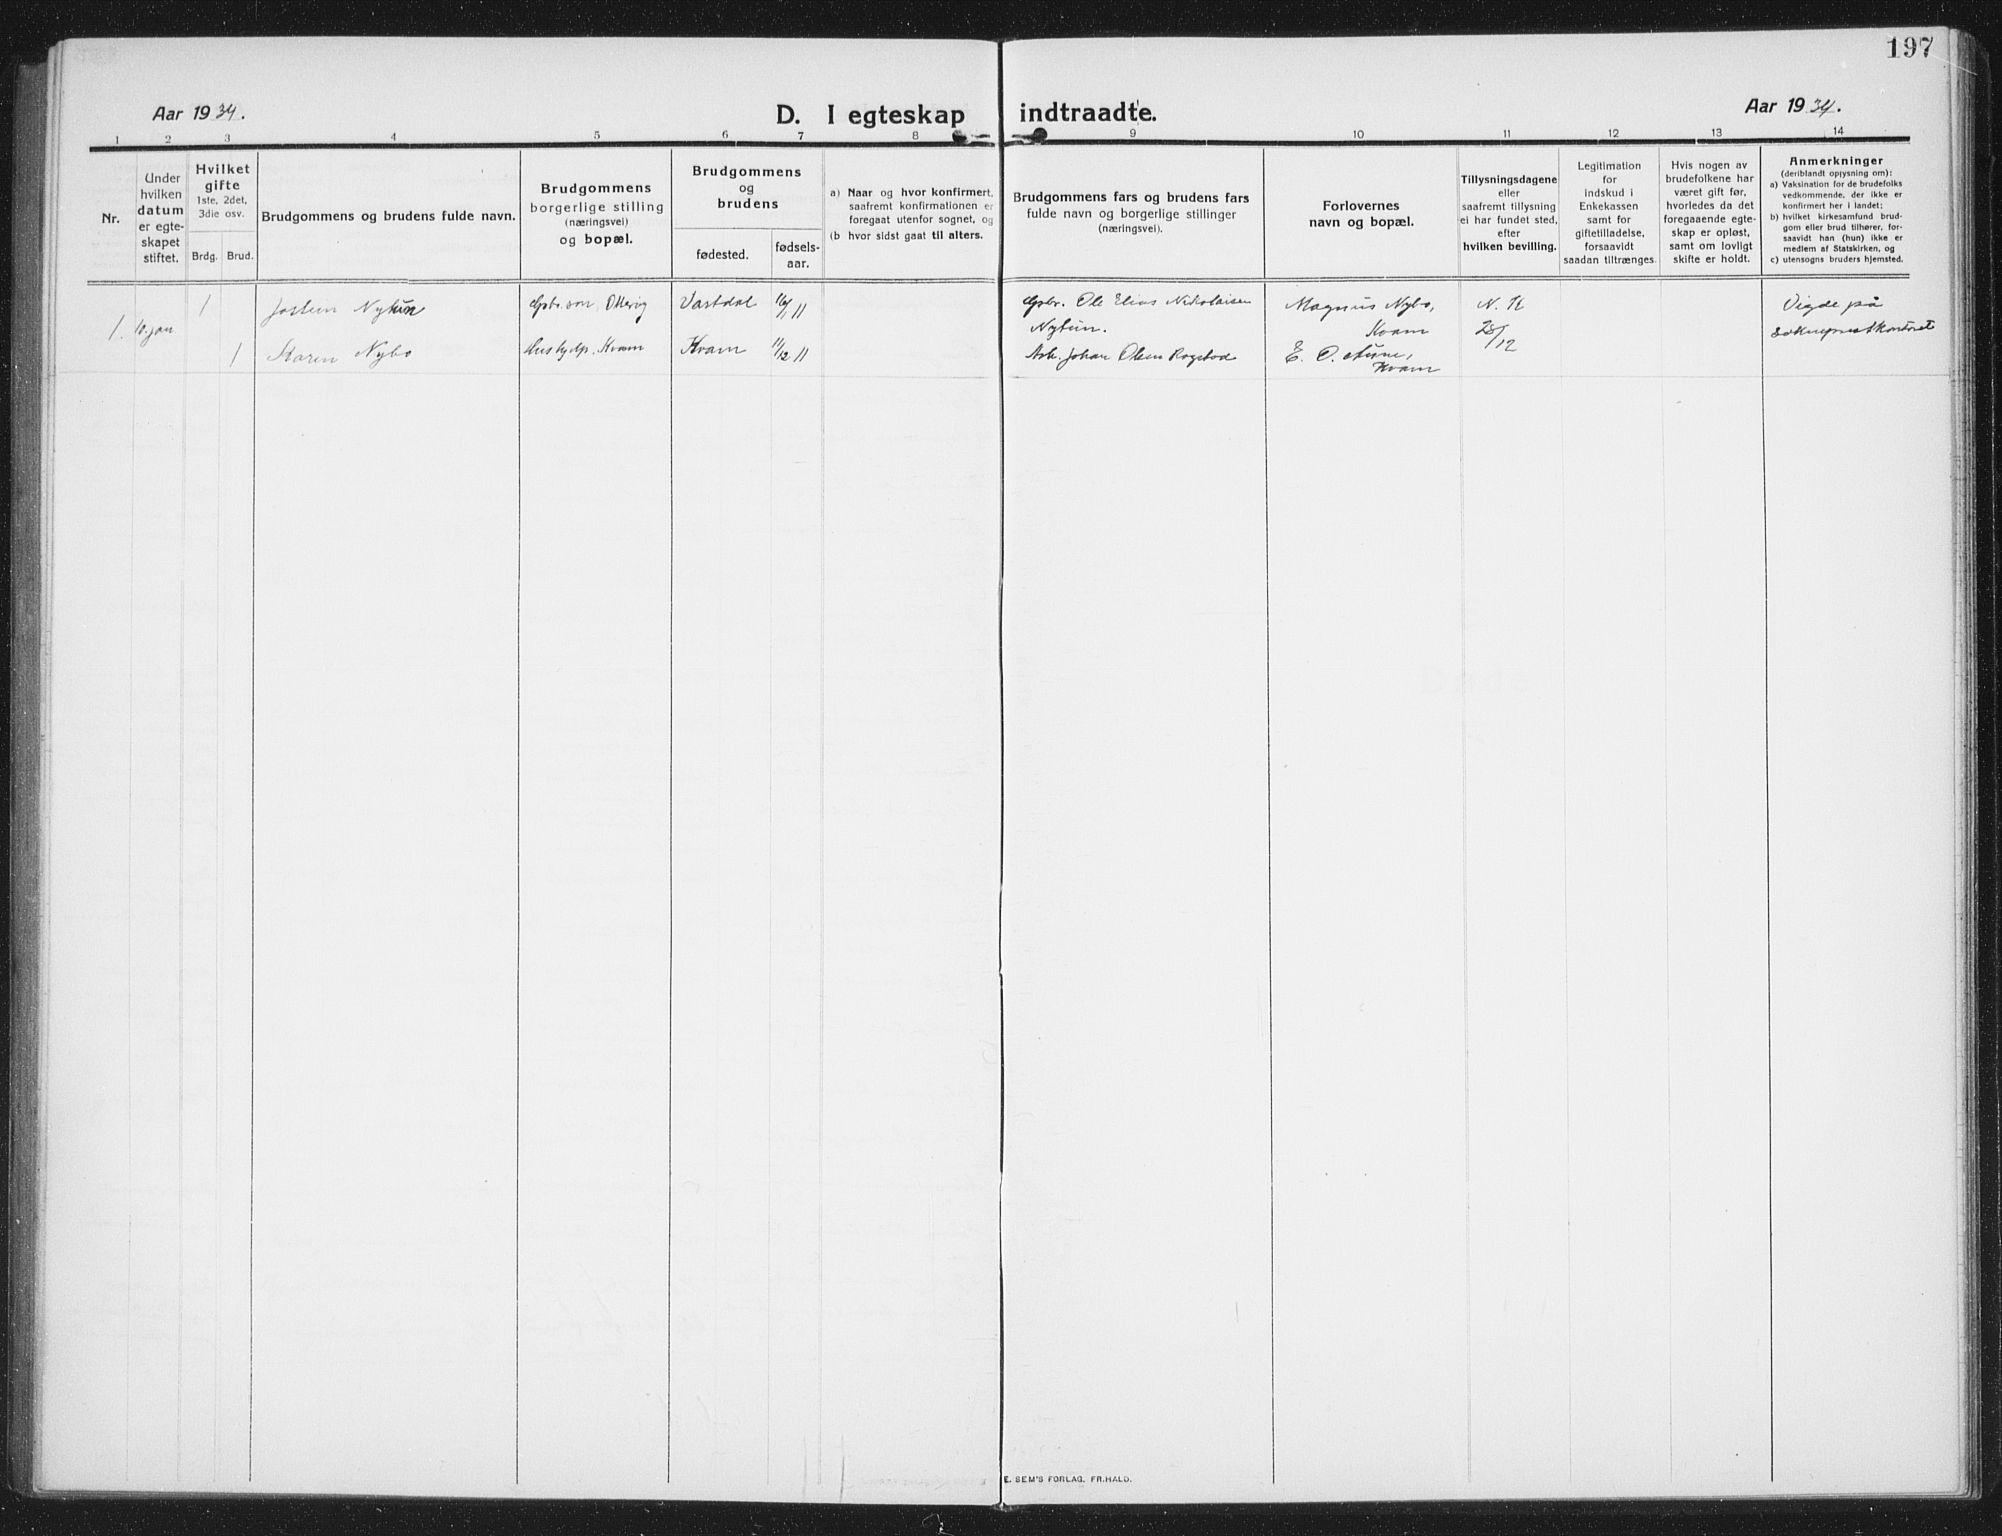 SAT, Ministerialprotokoller, klokkerbøker og fødselsregistre - Nord-Trøndelag, 774/L0630: Klokkerbok nr. 774C01, 1910-1934, s. 197